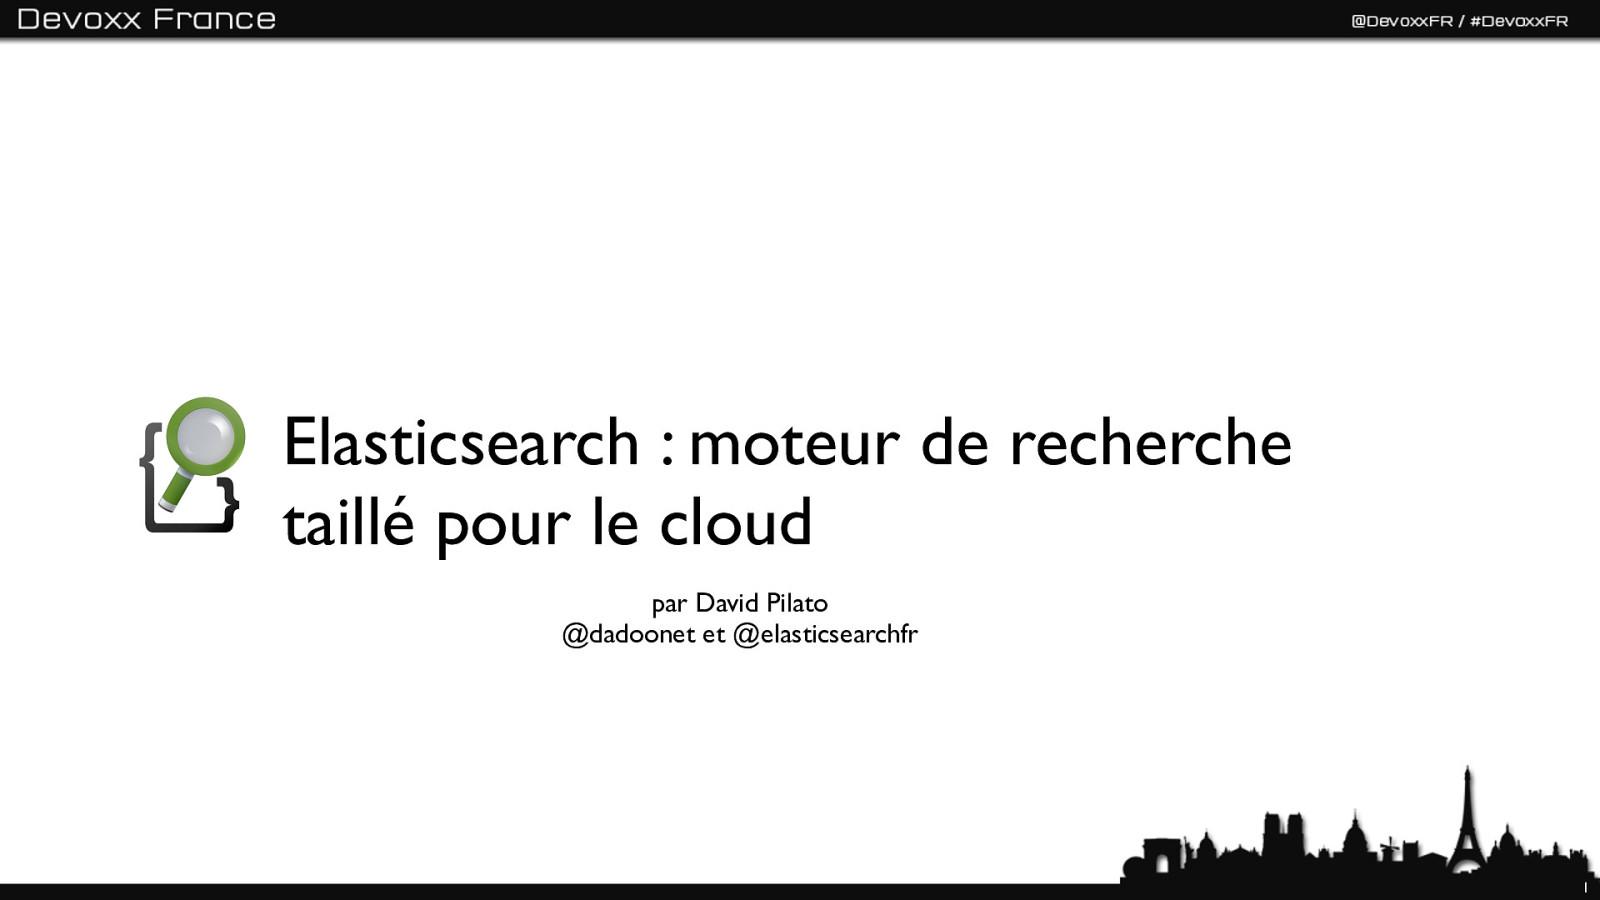 Elasticsearch - Devoxx France 2012